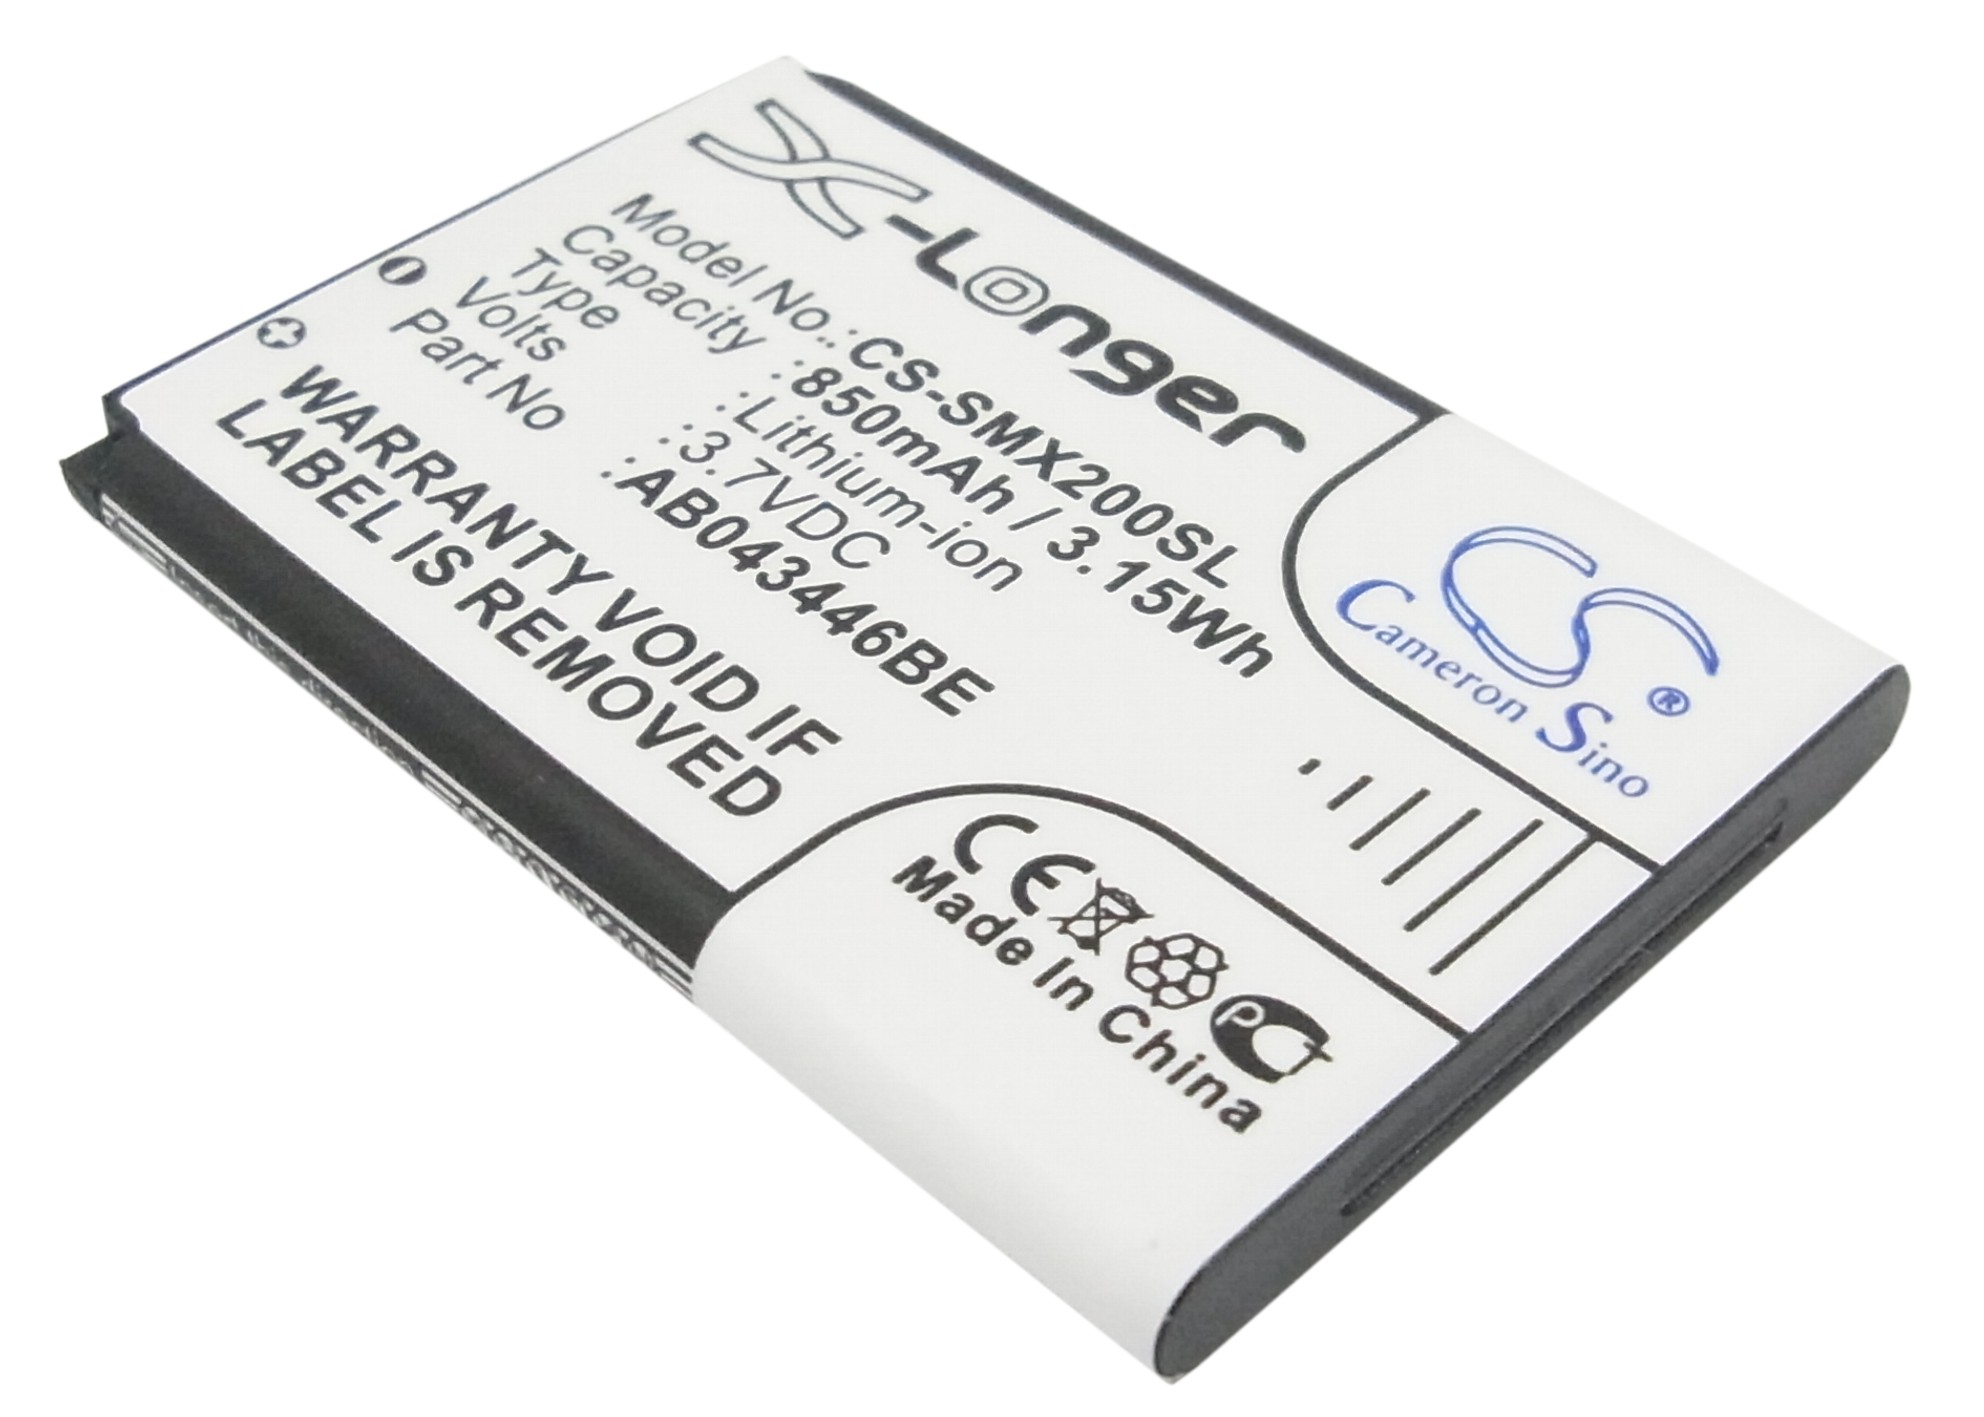 Cameron Sino baterie do mobilů pro SAMSUNG SGH-E900 3.7V Li-ion 850mAh černá - neoriginální